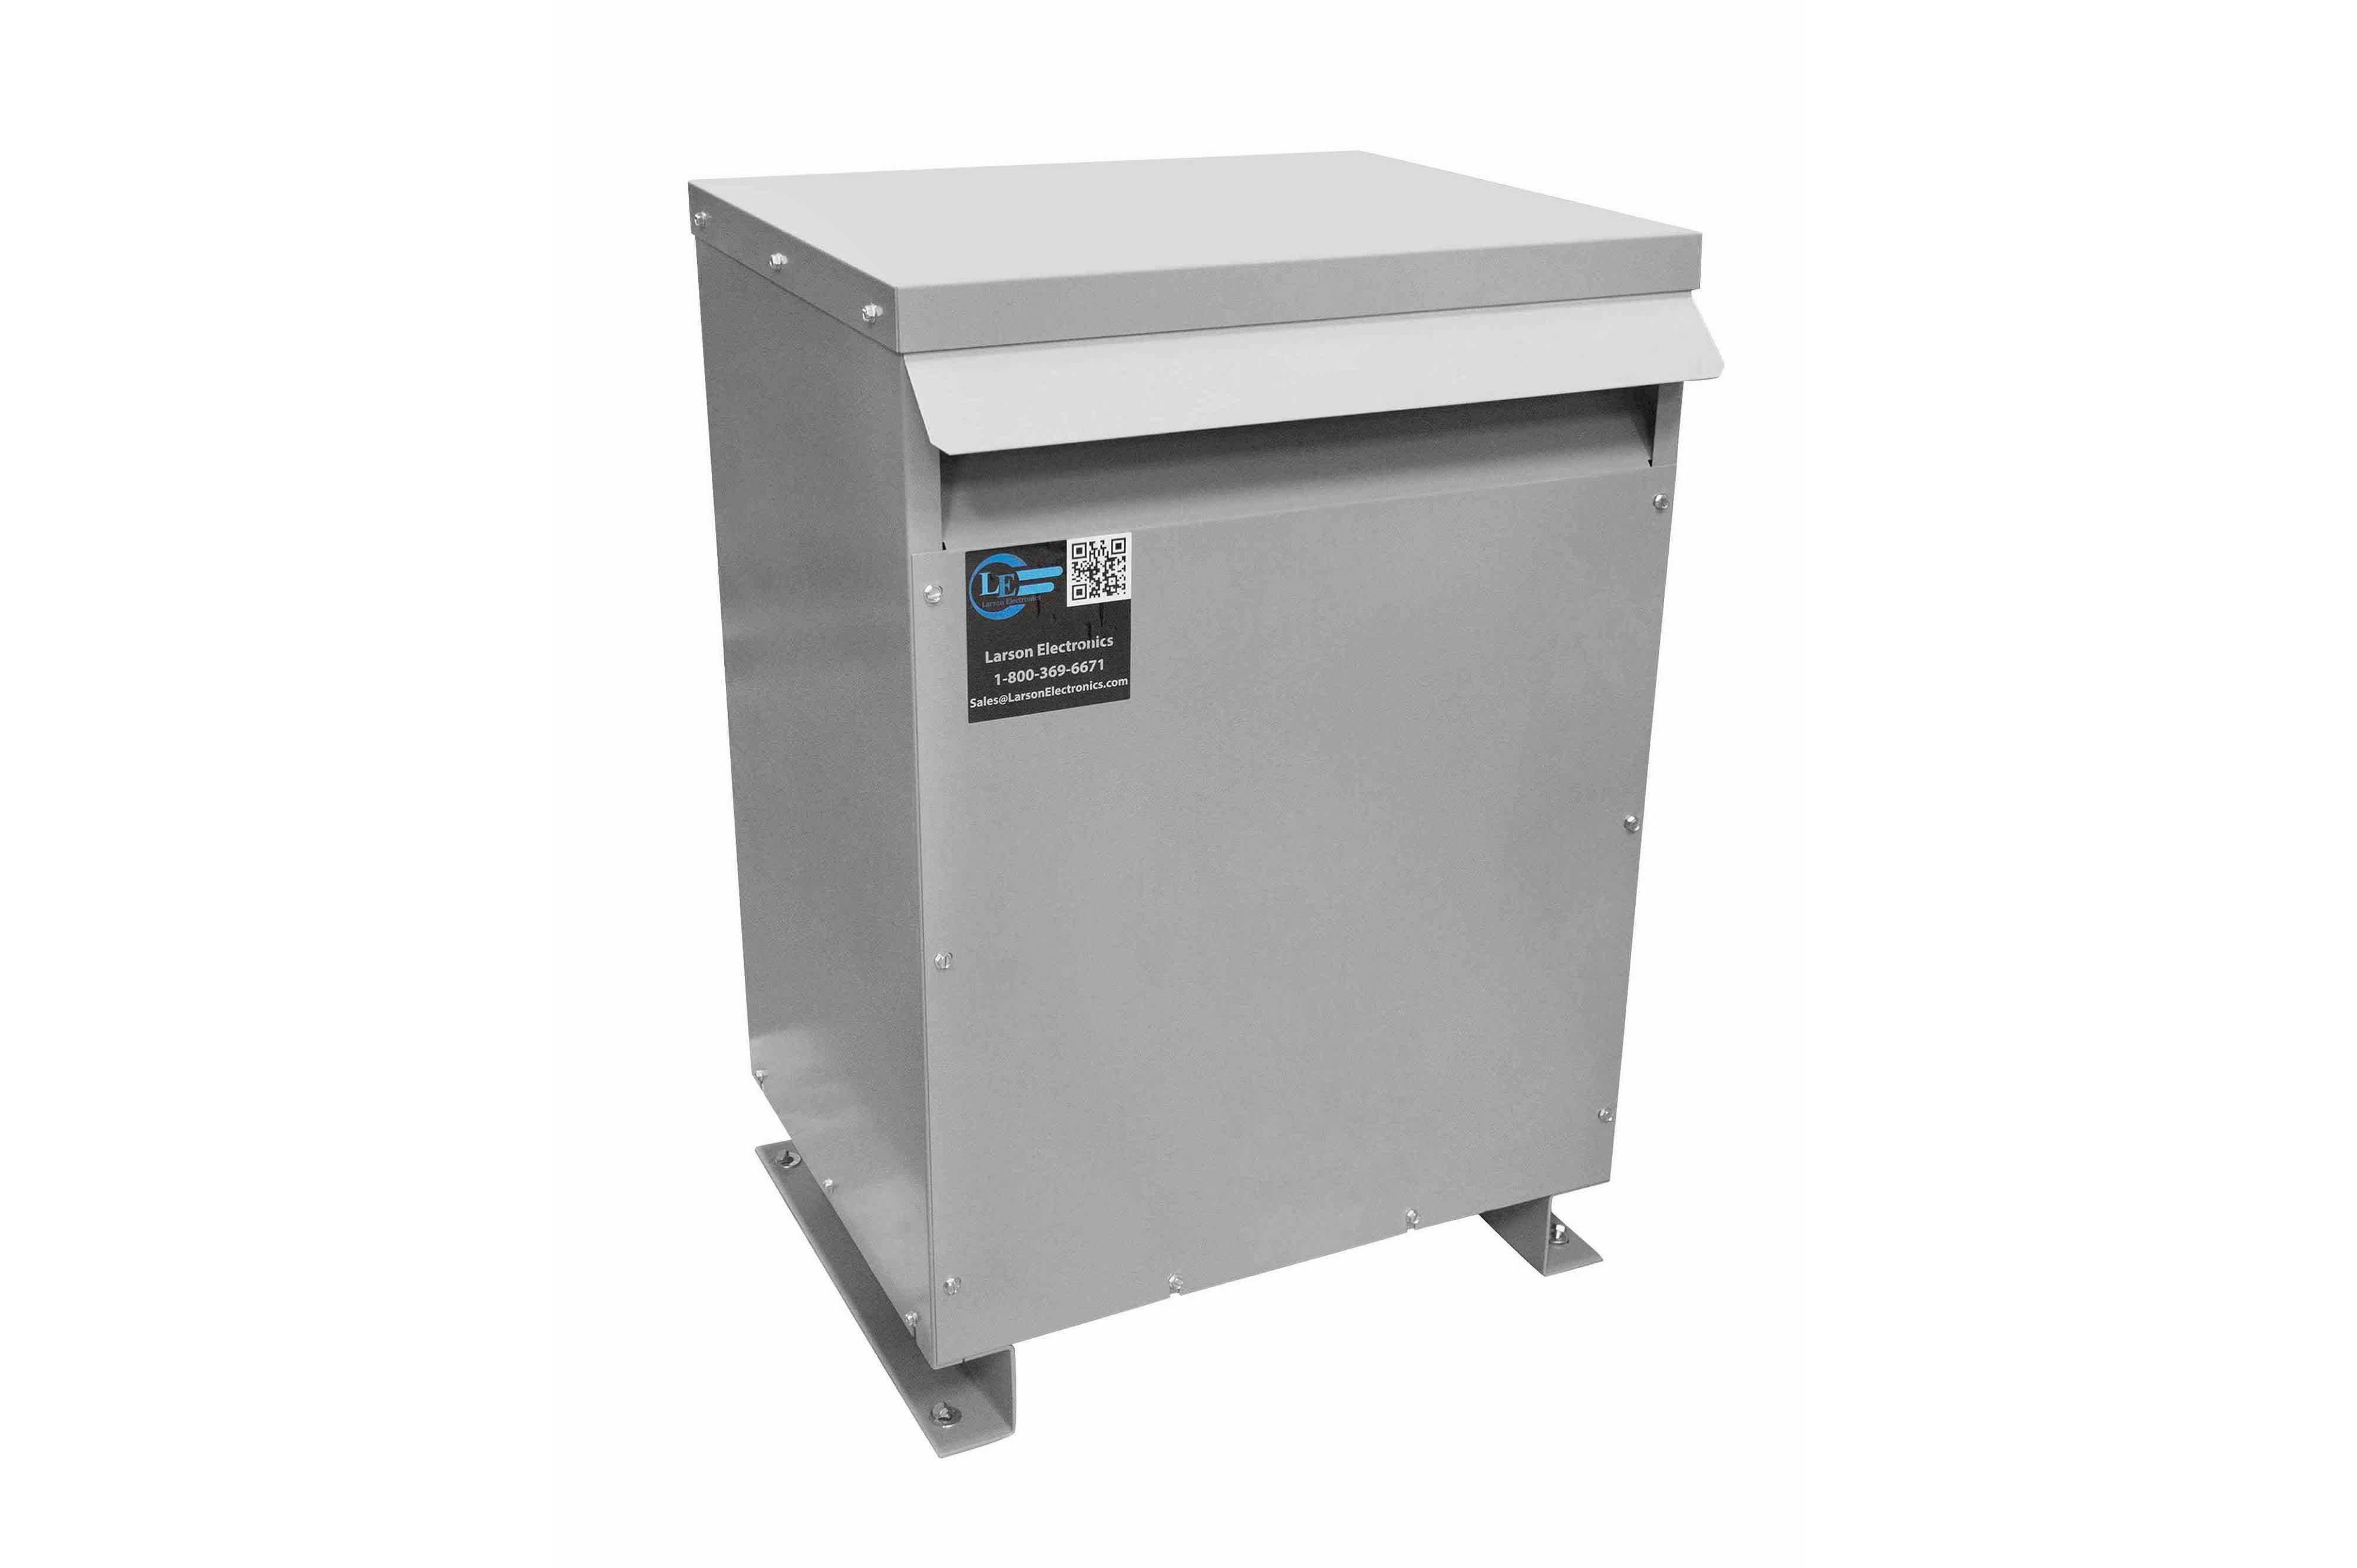 137.5 kVA 3PH Isolation Transformer, 480V Delta Primary, 415V Delta Secondary, N3R, Ventilated, 60 Hz